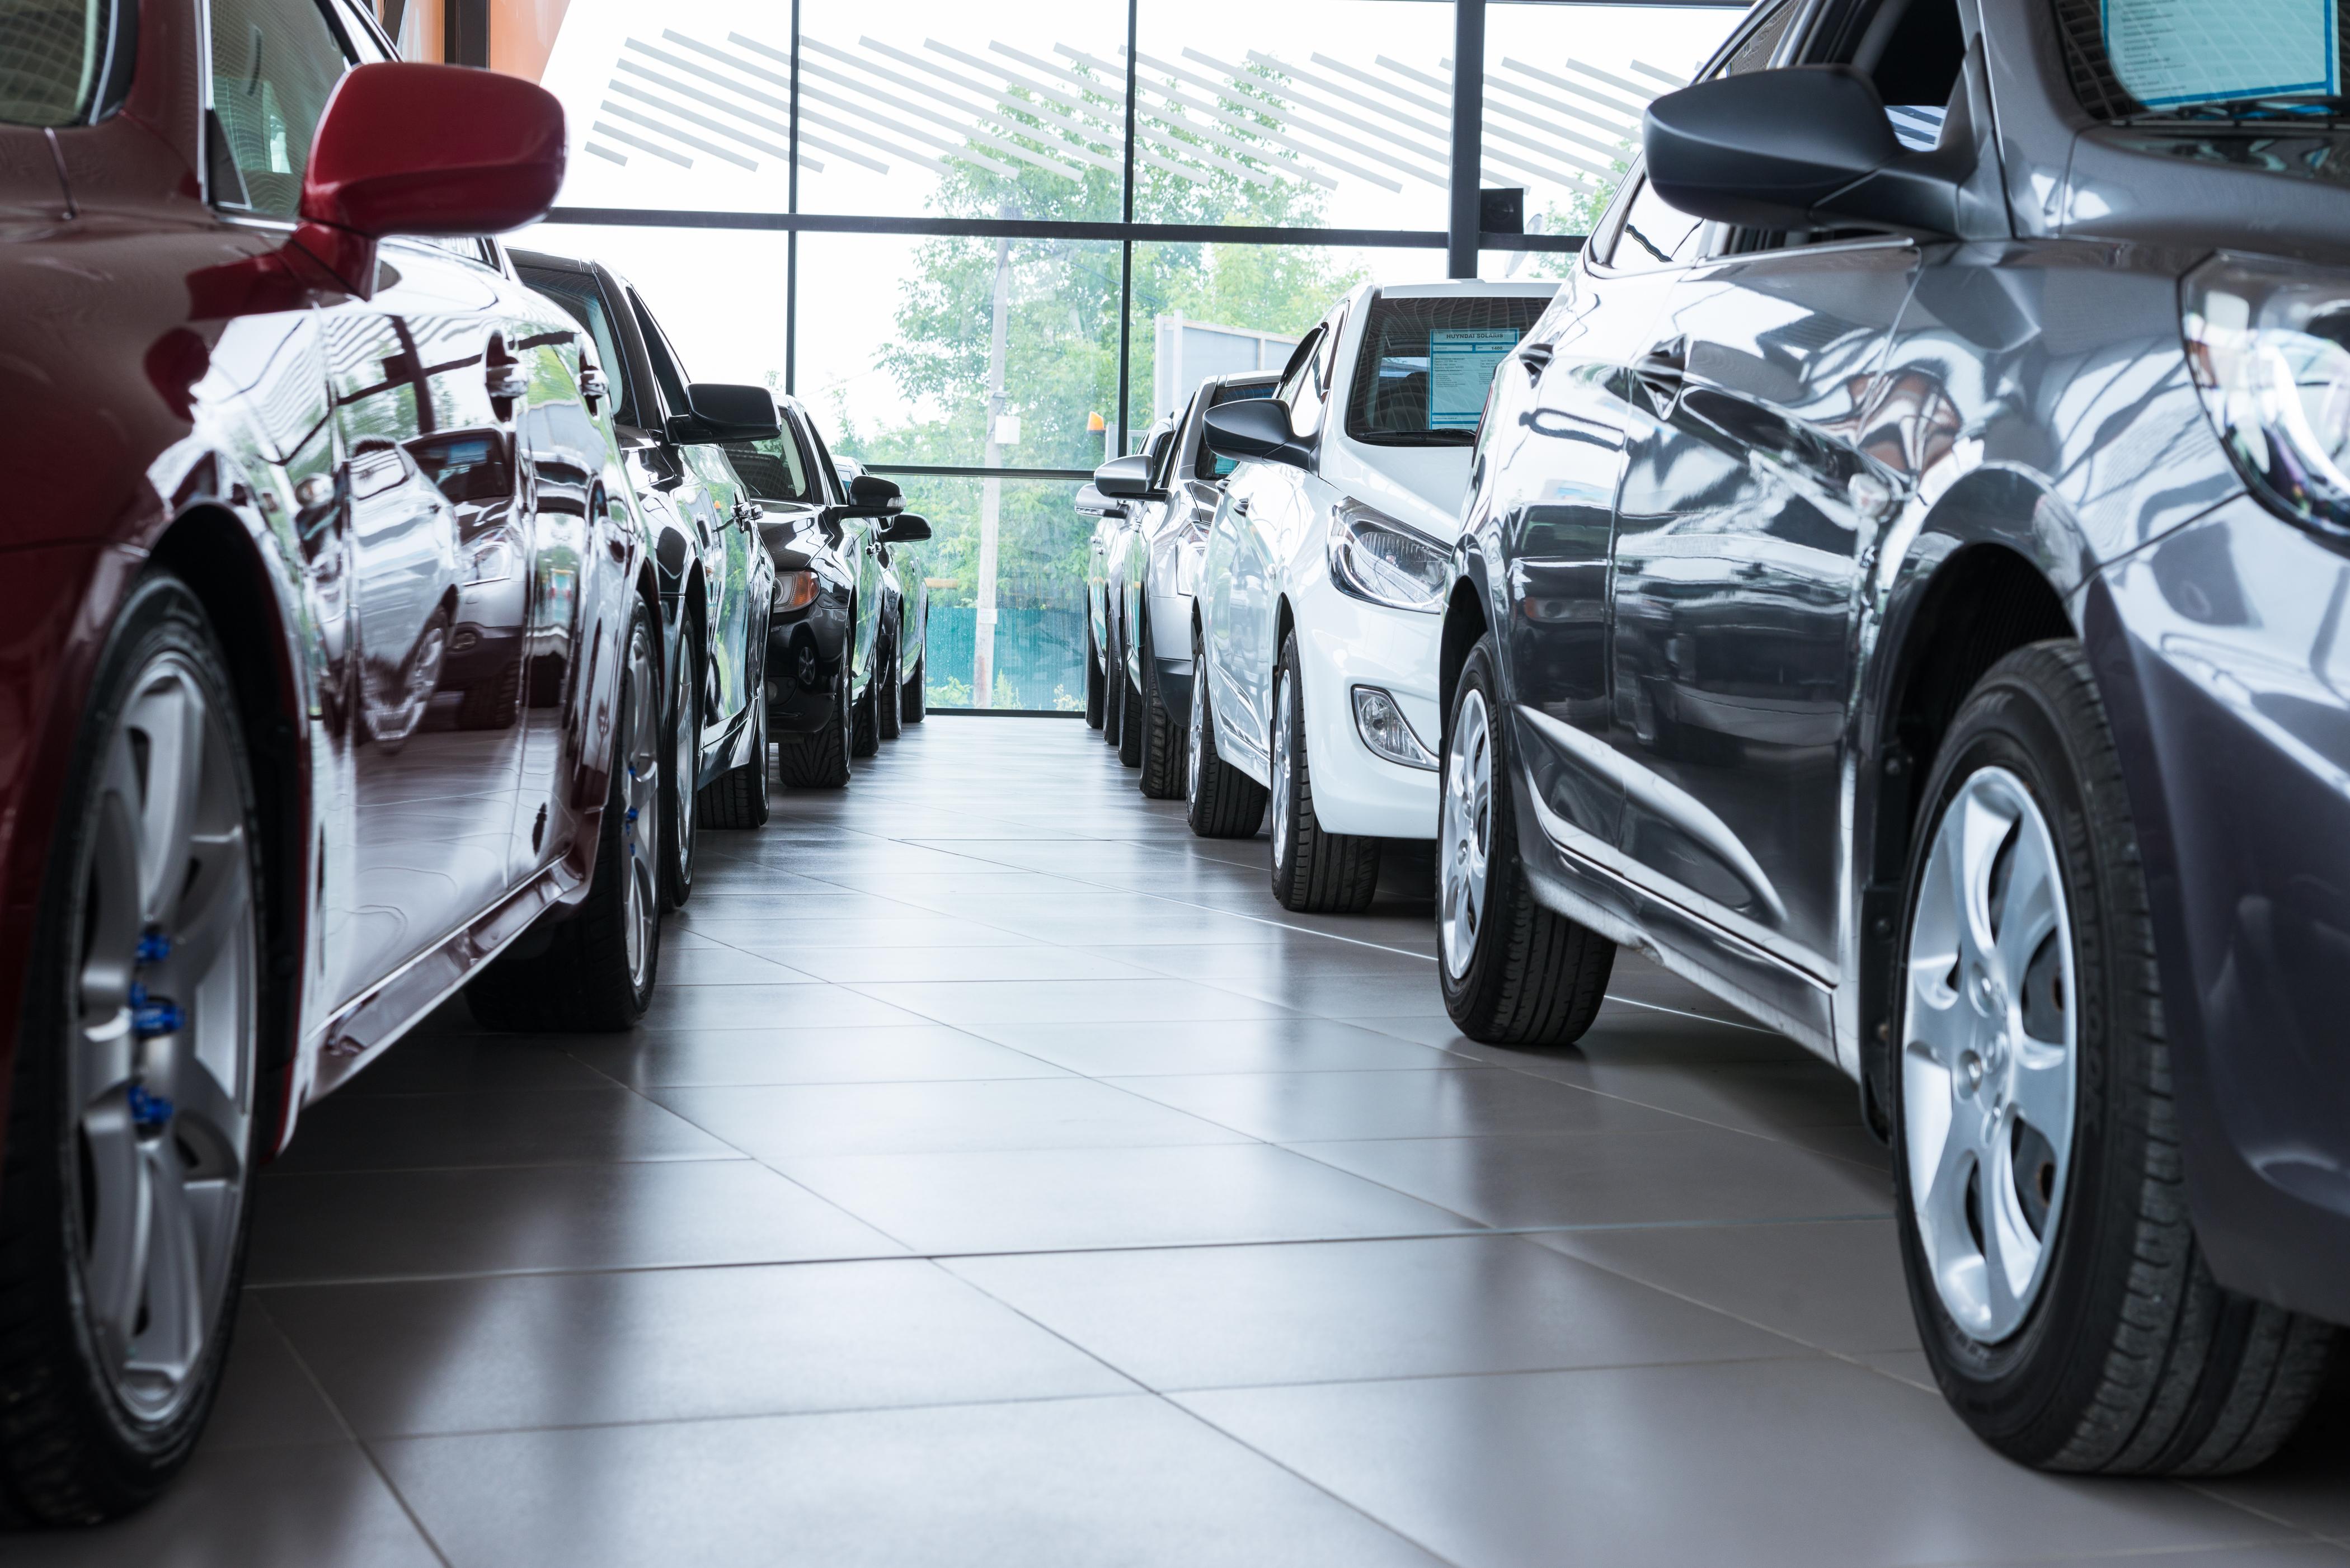 Indústria automóvel é ainda maior do que se pensava, valendo 5,9% do PIB